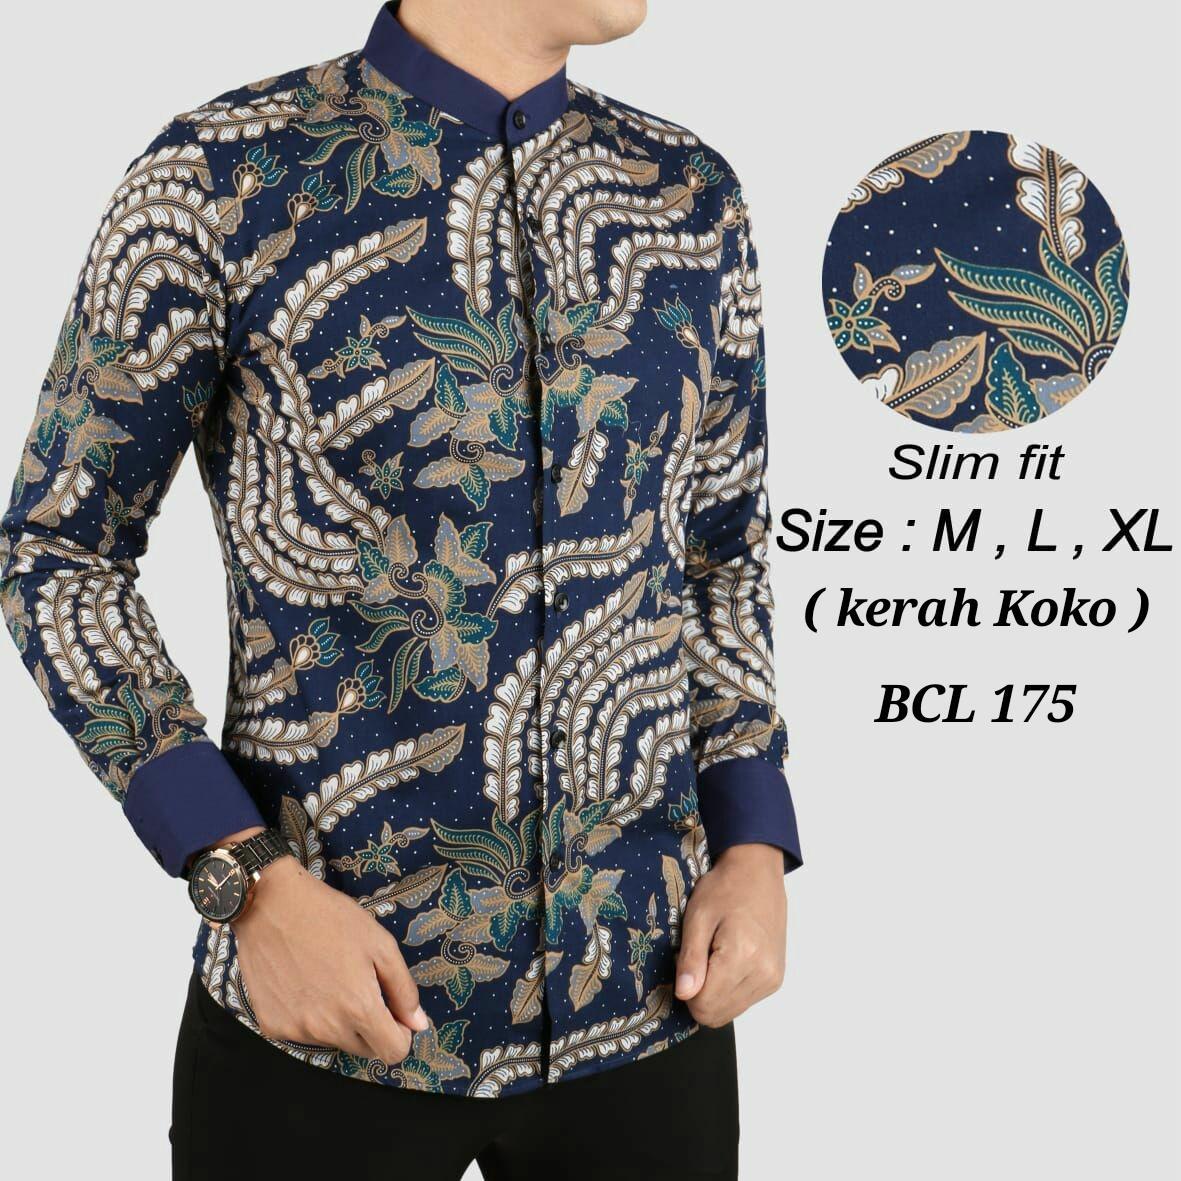 Baju Kemeja Batik slimfit / Model Batik Terbaru / Batik Pria / Hem Batik